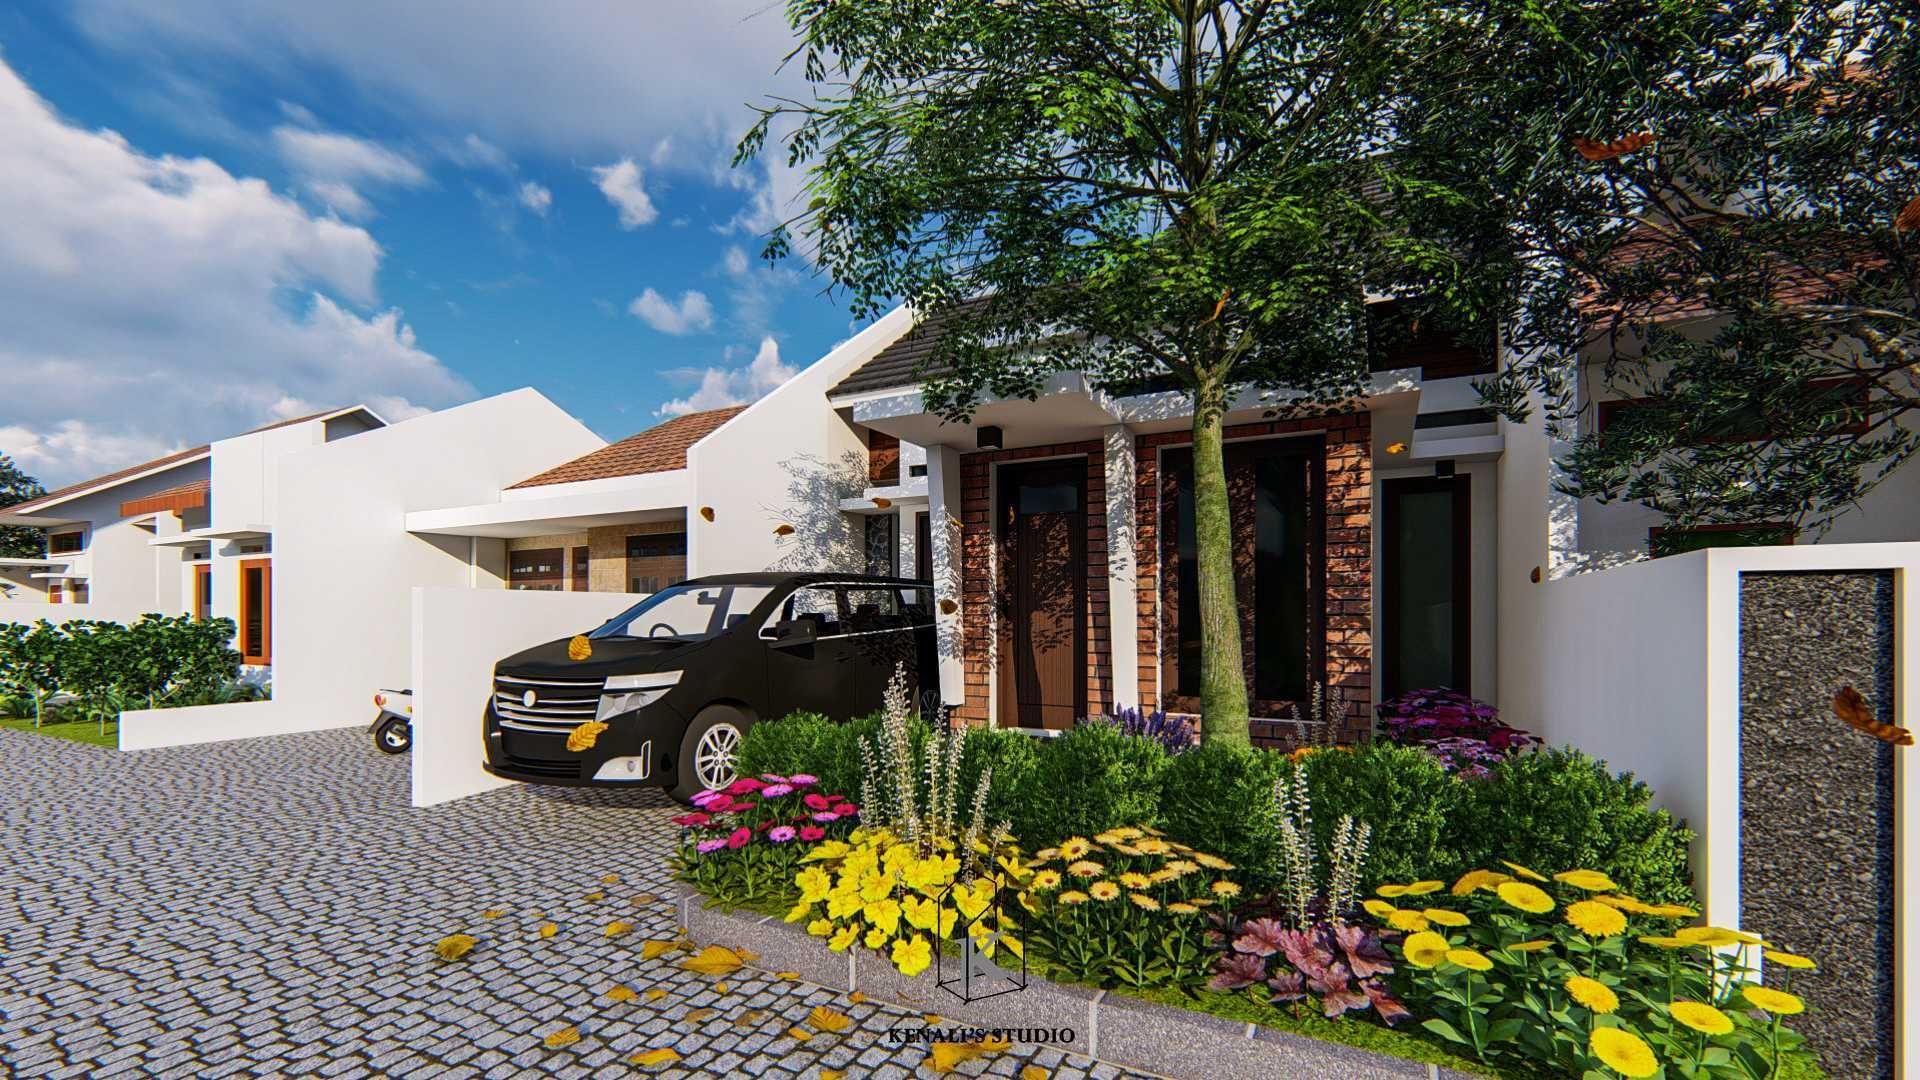 """Kenali's Studio """"folksy"""" Dh - House Kabupaten Demak, Jawa Tengah, Indonesia Kabupaten Demak, Jawa Tengah, Indonesia Kenalis-Studio-Folksy-Dh-House   66953"""